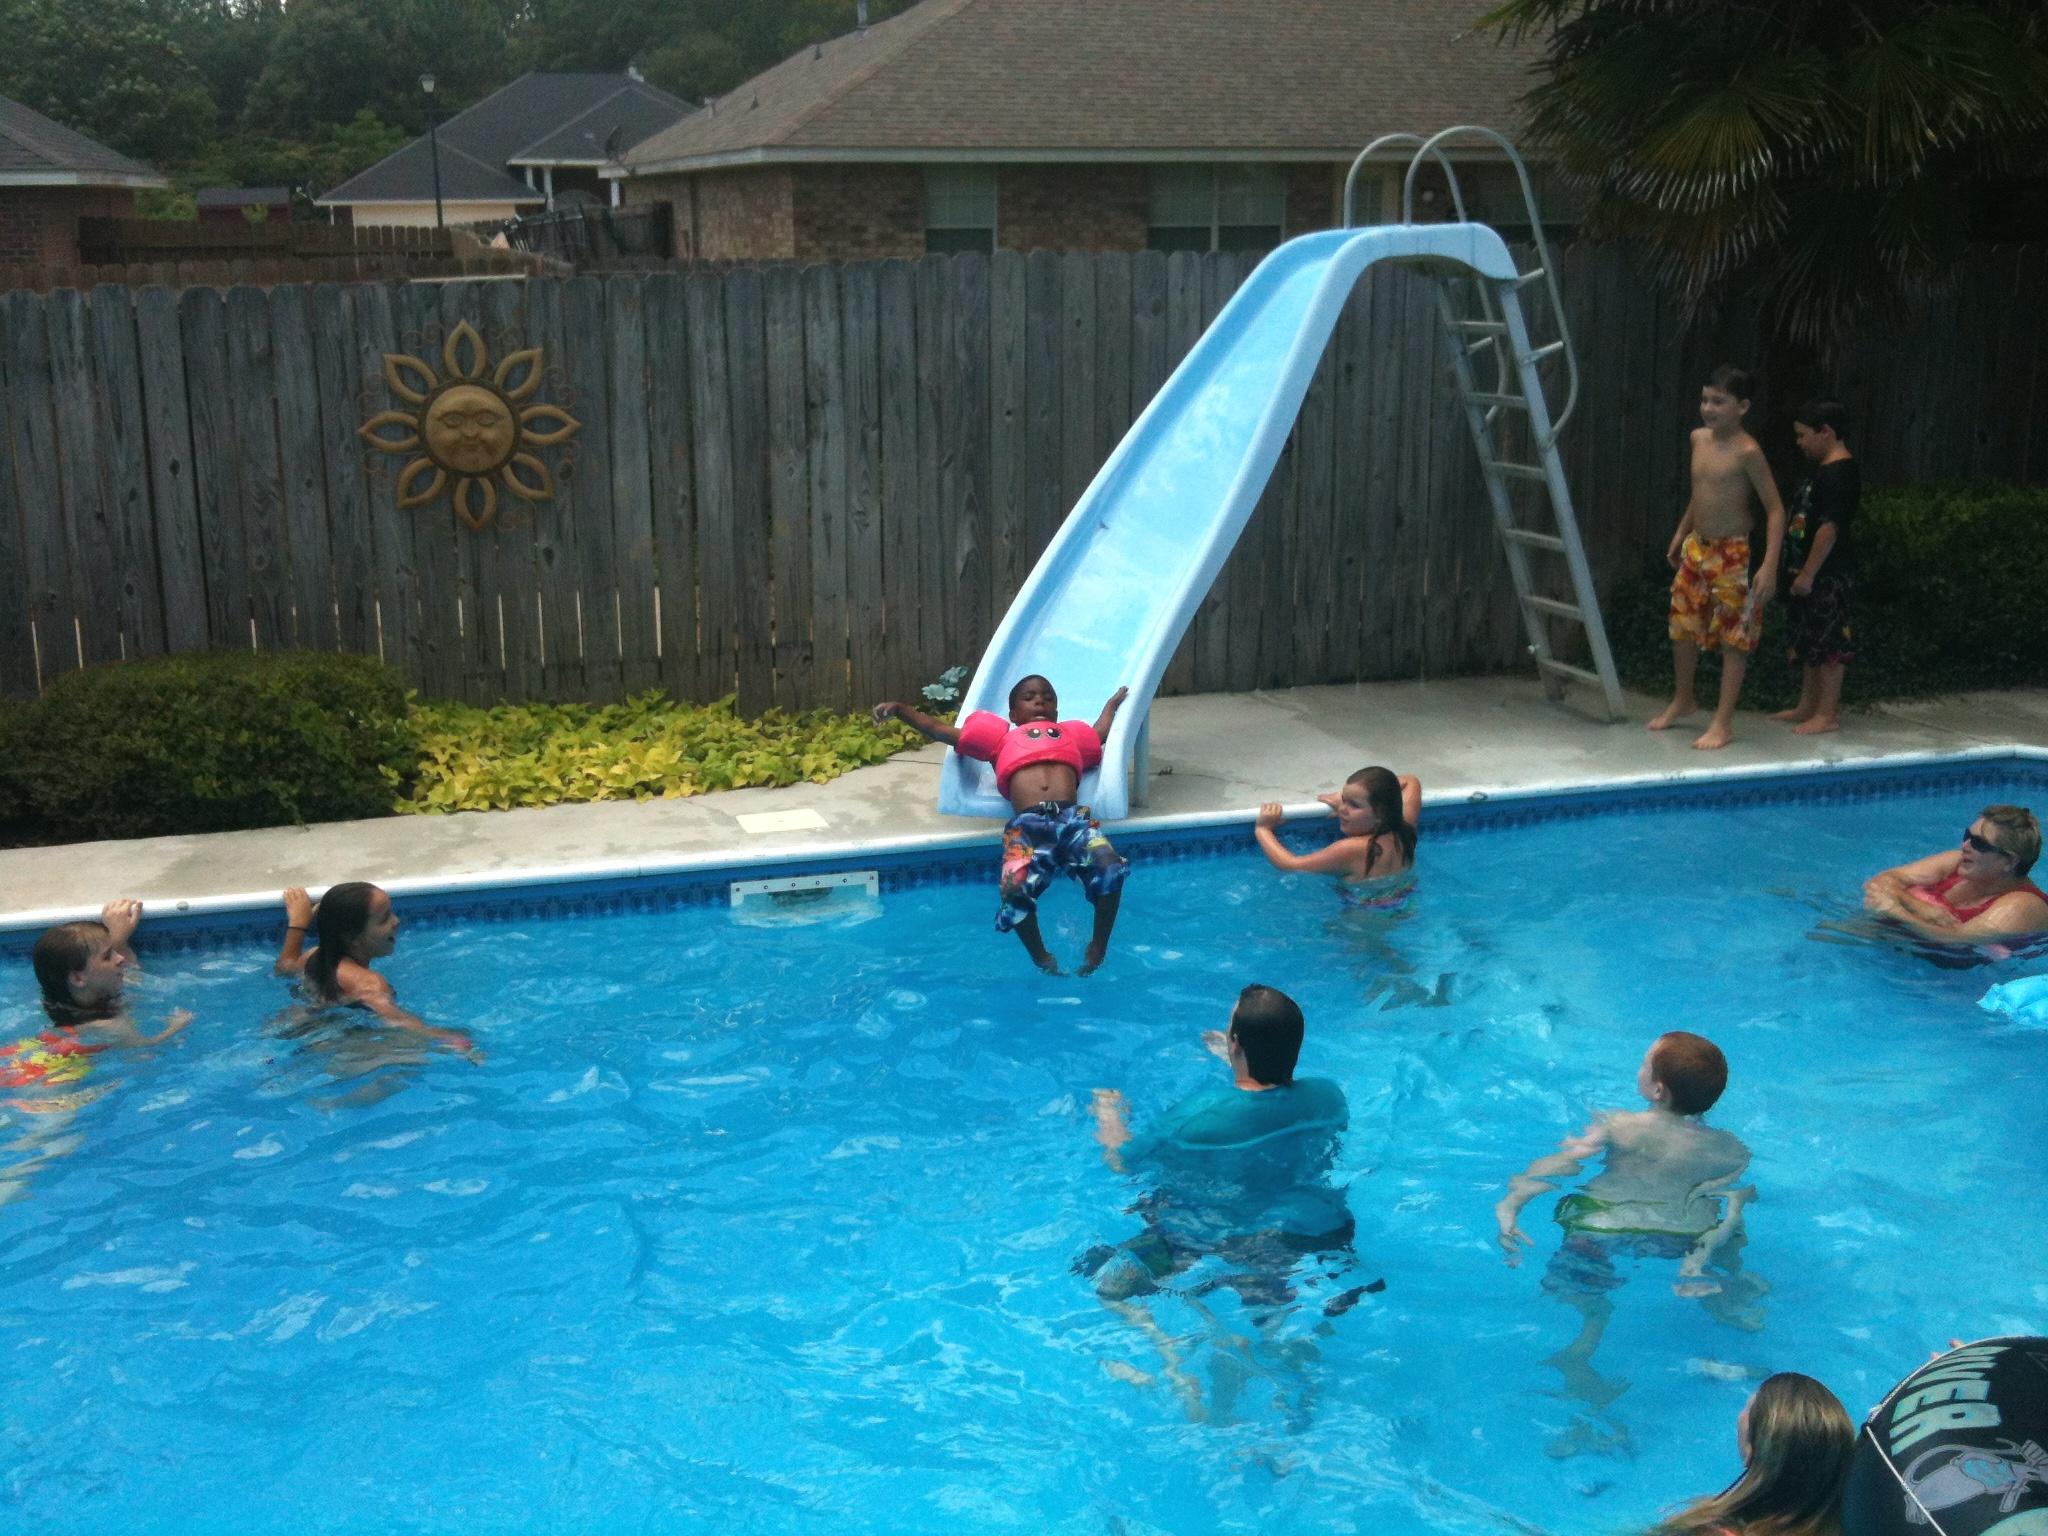 Pool%2011 original